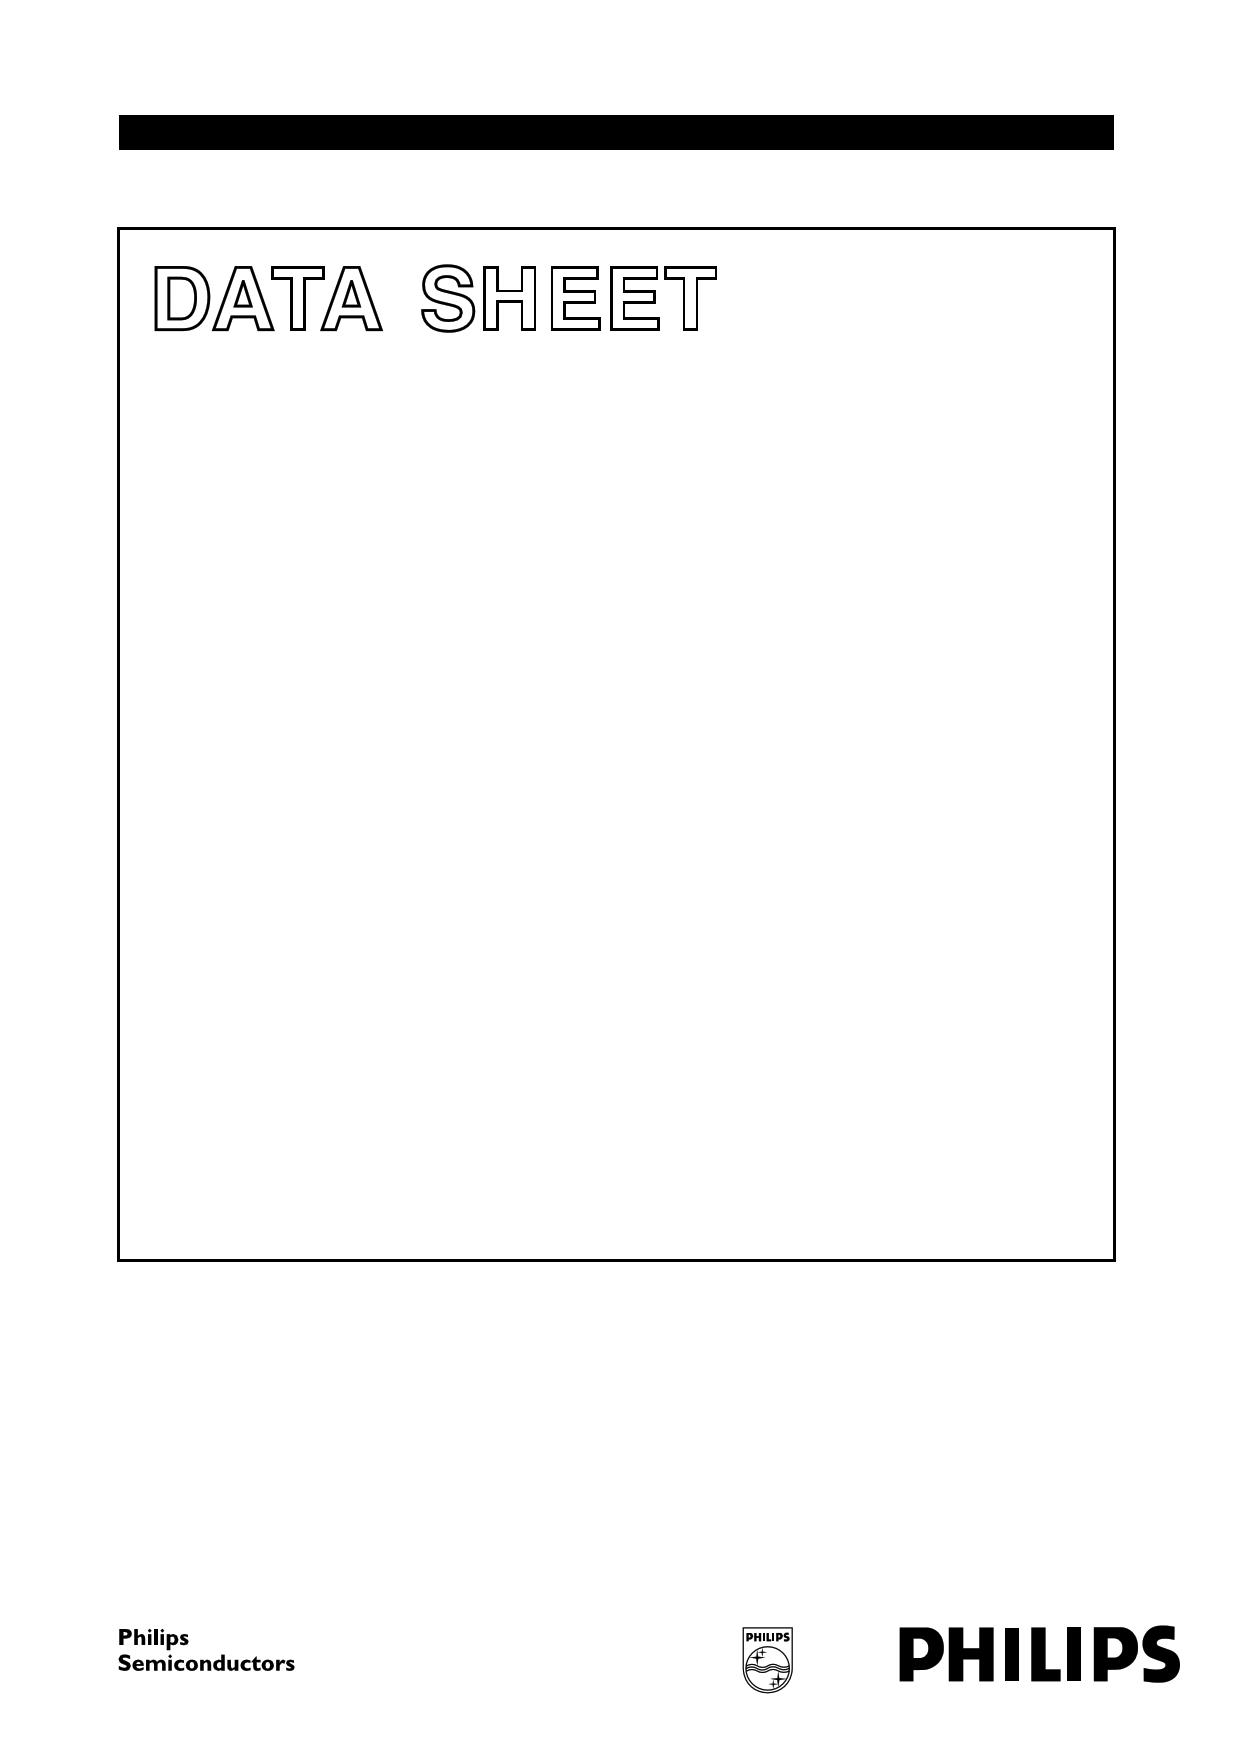 J108 Hoja de datos, Descripción, Manual